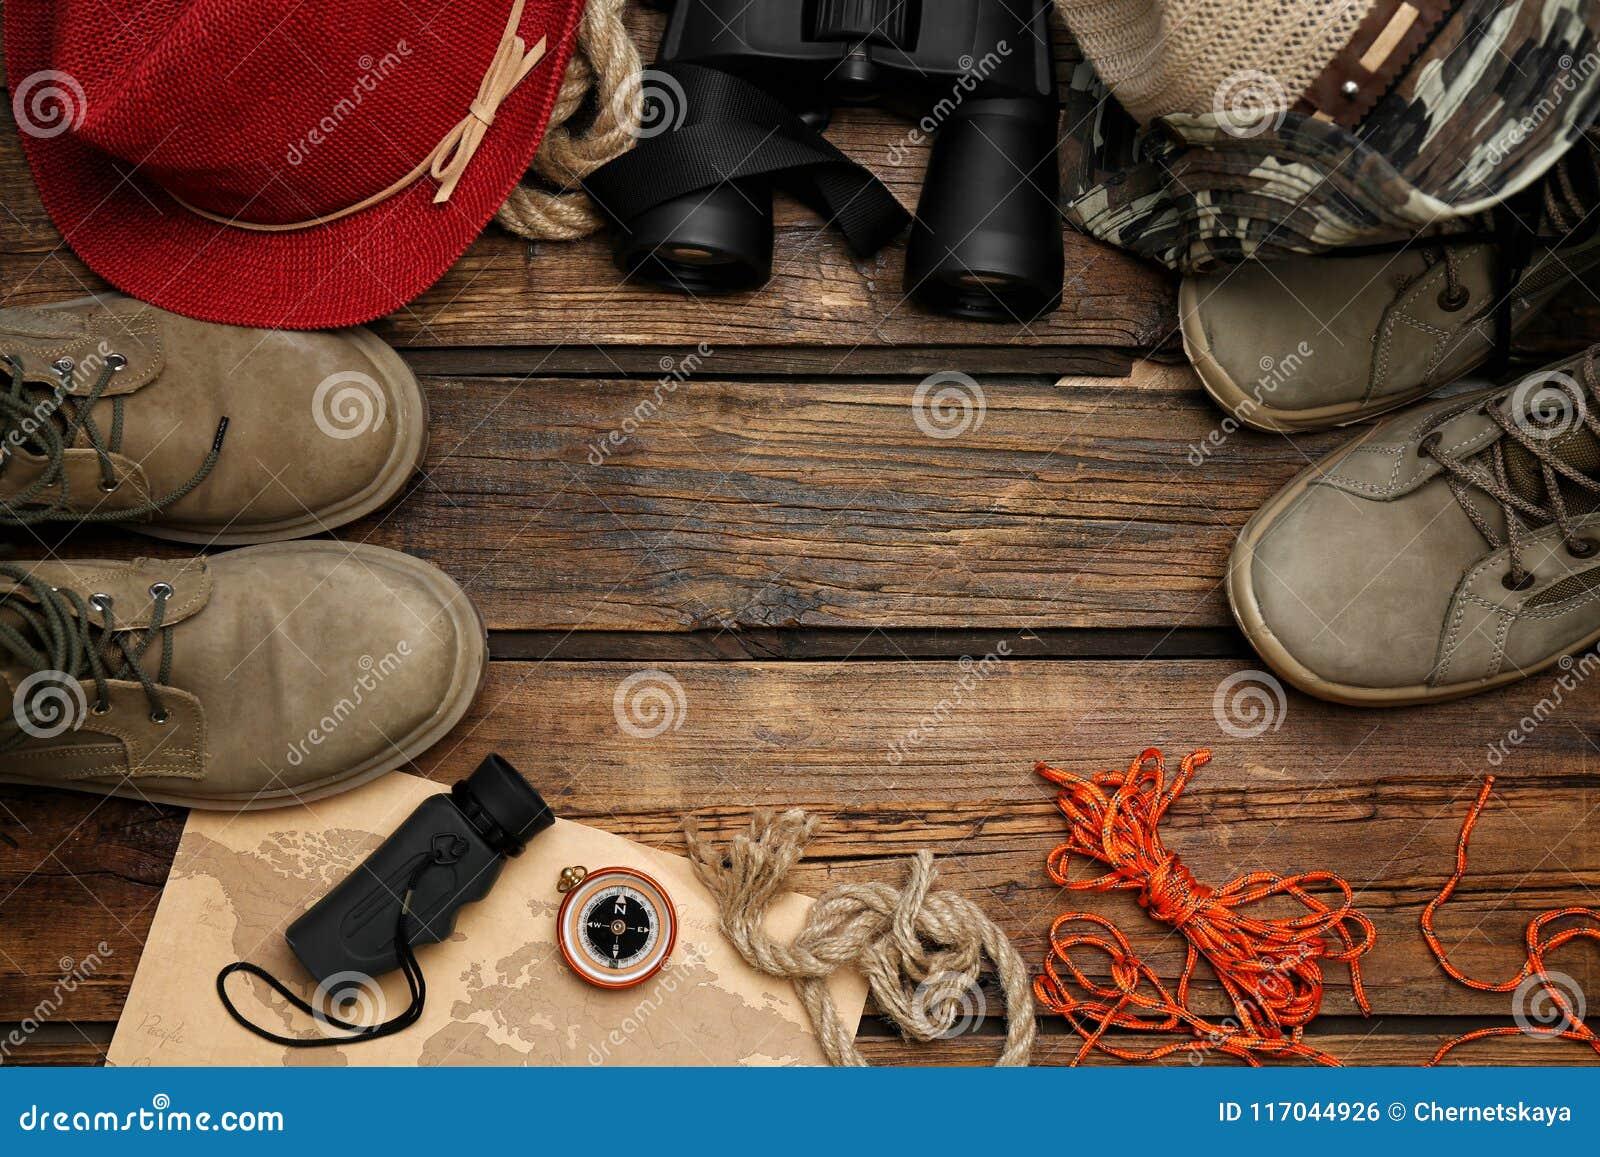 Επίπεδος βάλτε τη σύνθεση με τον εξοπλισμό στρατοπέδευσης